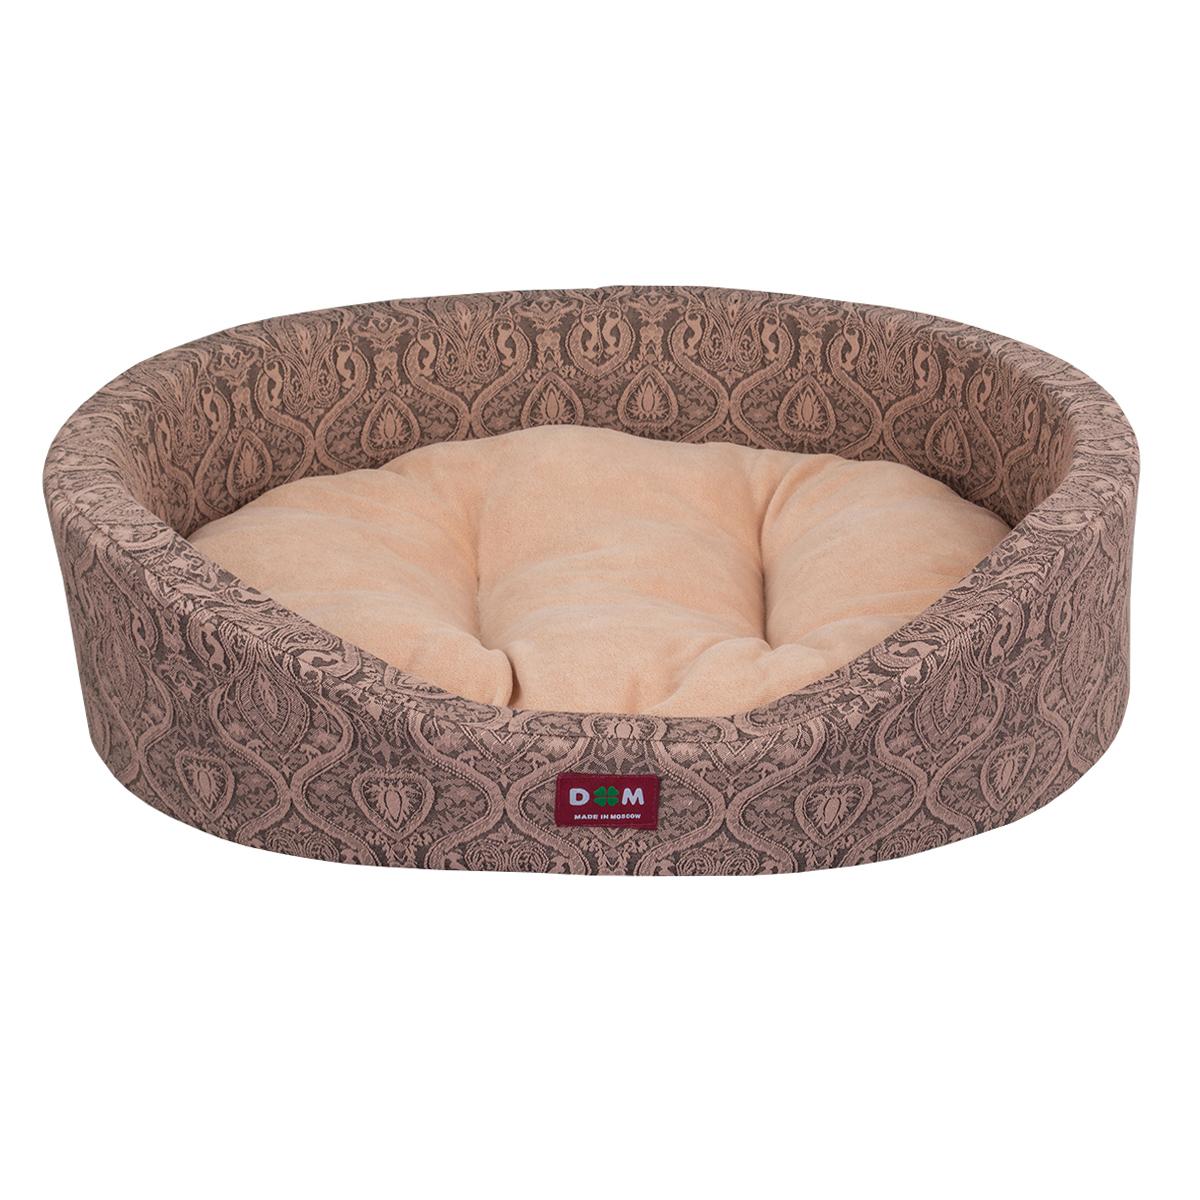 Лежак для животных Dogmoda Дуэт, цвет: бежевый, 60 х 48 х 12 смDM-160281-2Лежак для животных Dogmoda Дуэт прекрасно подойдет для отдыха вашего домашнего питомца. Предназначен для собак мелких и средних пород и кошек. Изделие выполнено из жаккарда с изысканным узором, внутри - мягкий наполнитель из поролона, который обеспечивает комфорт и уют. Лежак снабжен съемной велюровой подушкой с холлофайбером внутри. Изделие имеет высокие бортики. Комфортный и уютный лежак обязательно понравится вашему питомцу, животное сможет там отдохнуть и выспаться. Высокий уровень комфорта, спокойный благородный цвет и мягкость сделают этот лежак любимым местом отдыха вашего питомца.